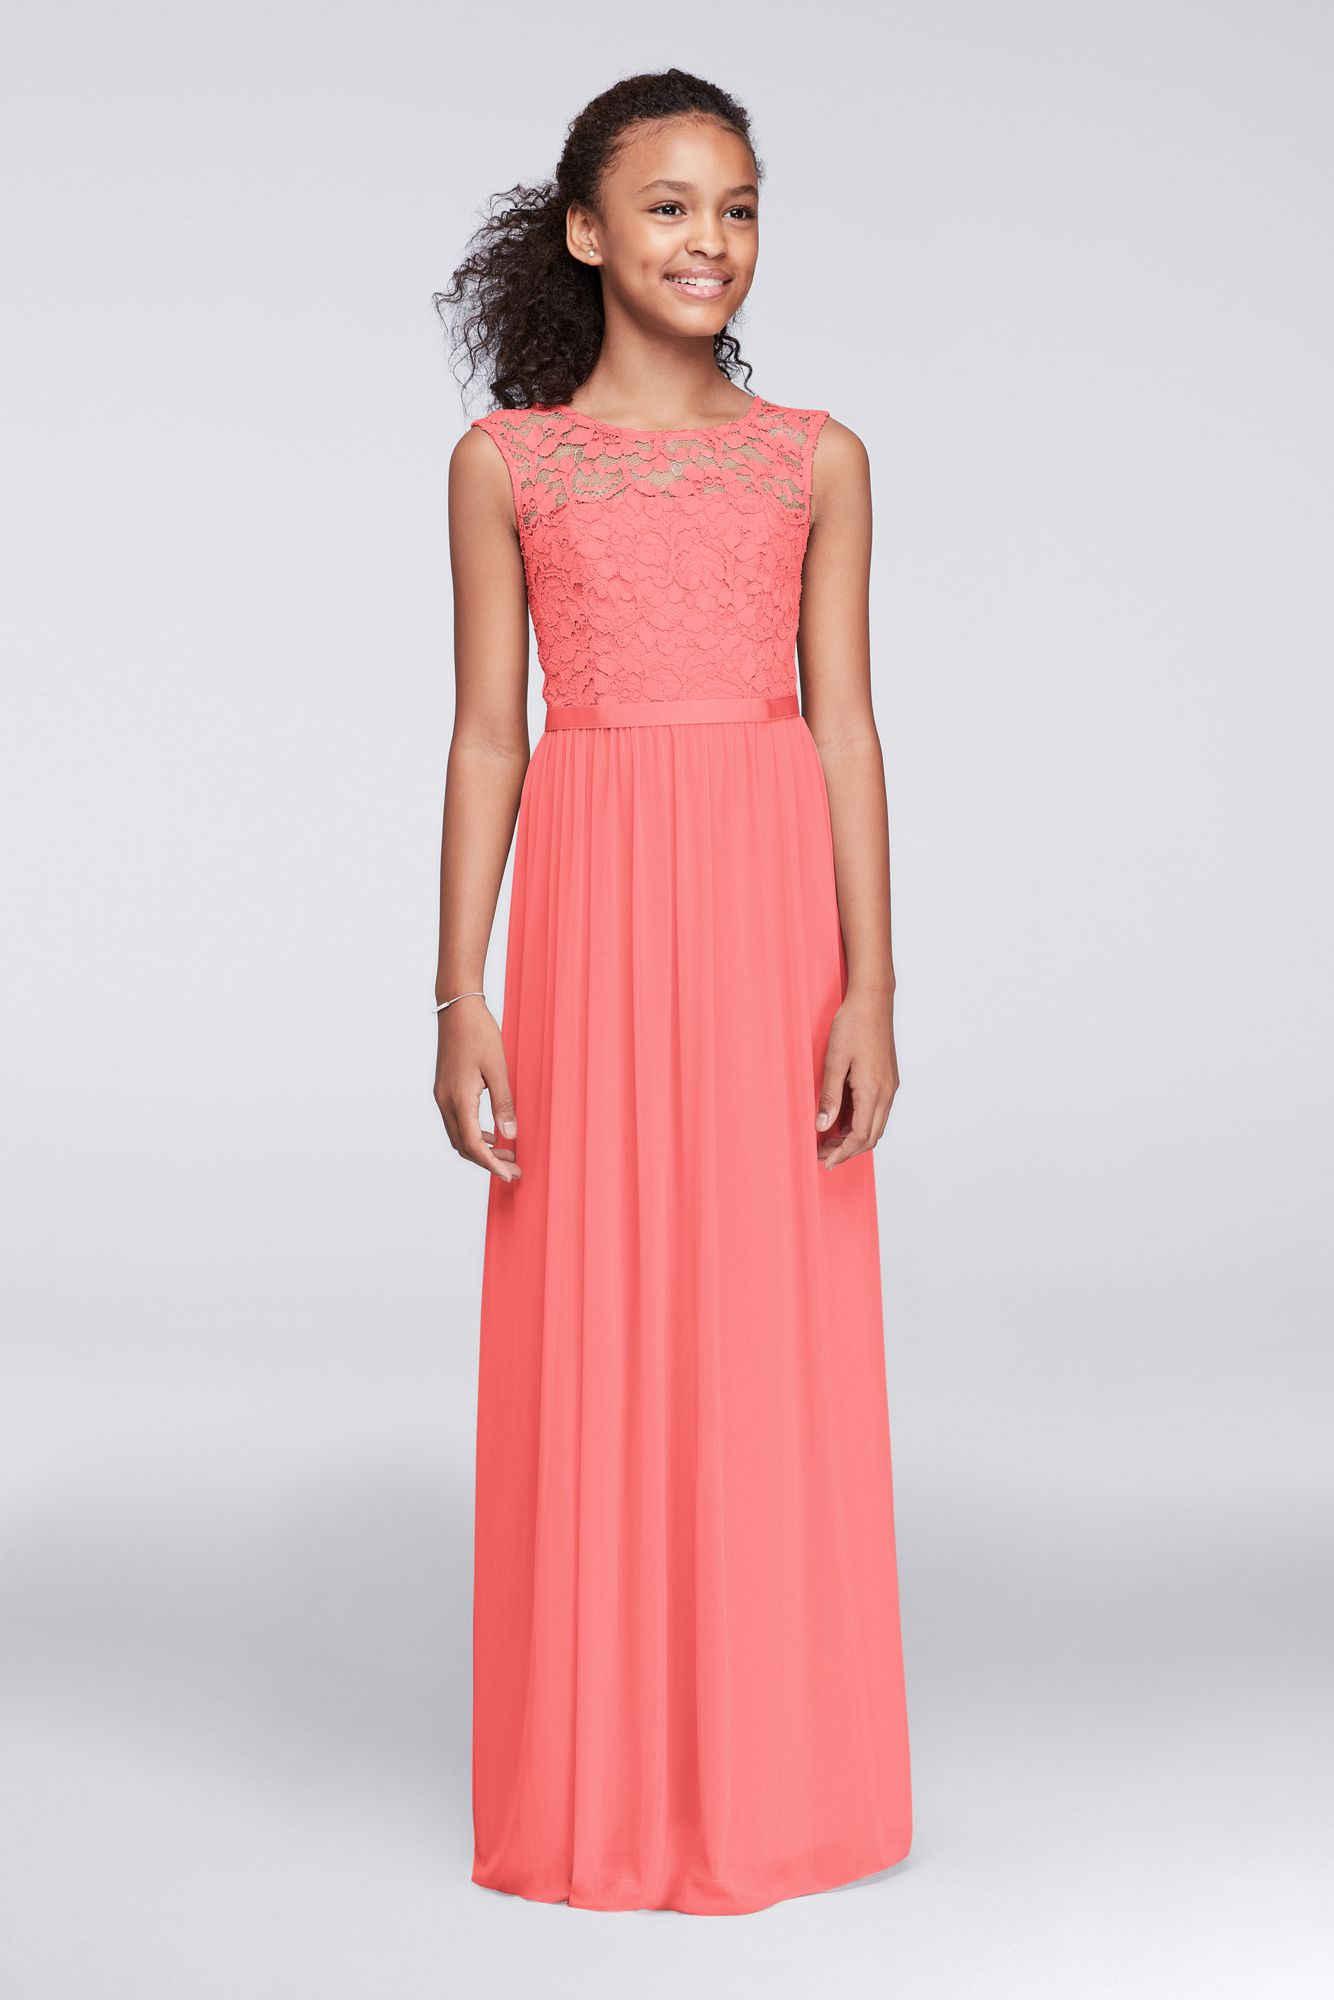 tangerine dresses for wedding photo - 1